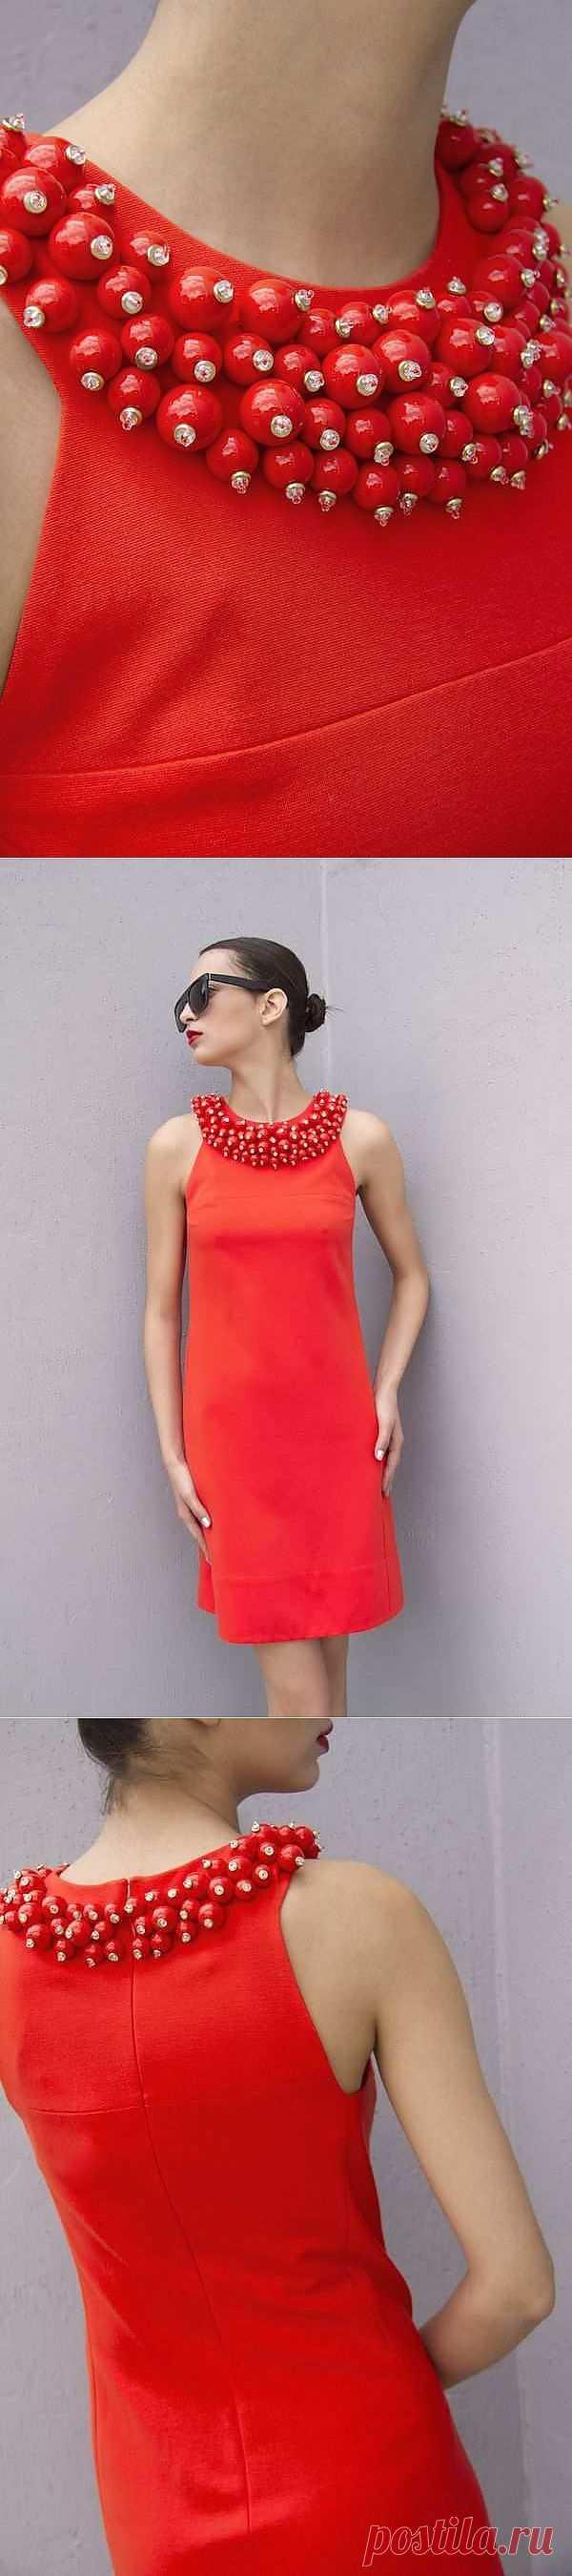 Маленькое красное платье / Детали / Модный сайт о стильной переделке одежды и интерьера